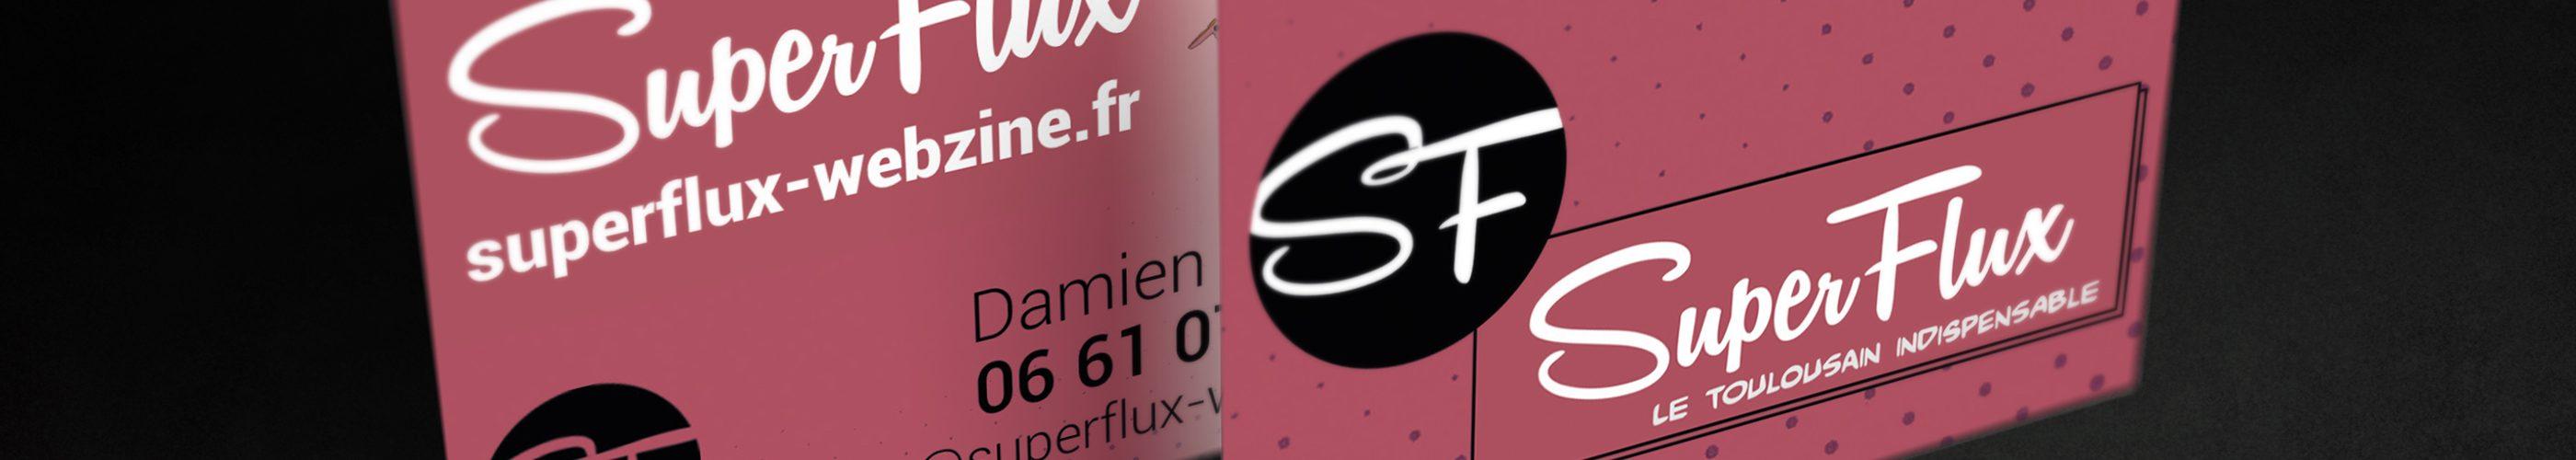 SuperFlux, le Webzine toulousain indispensable